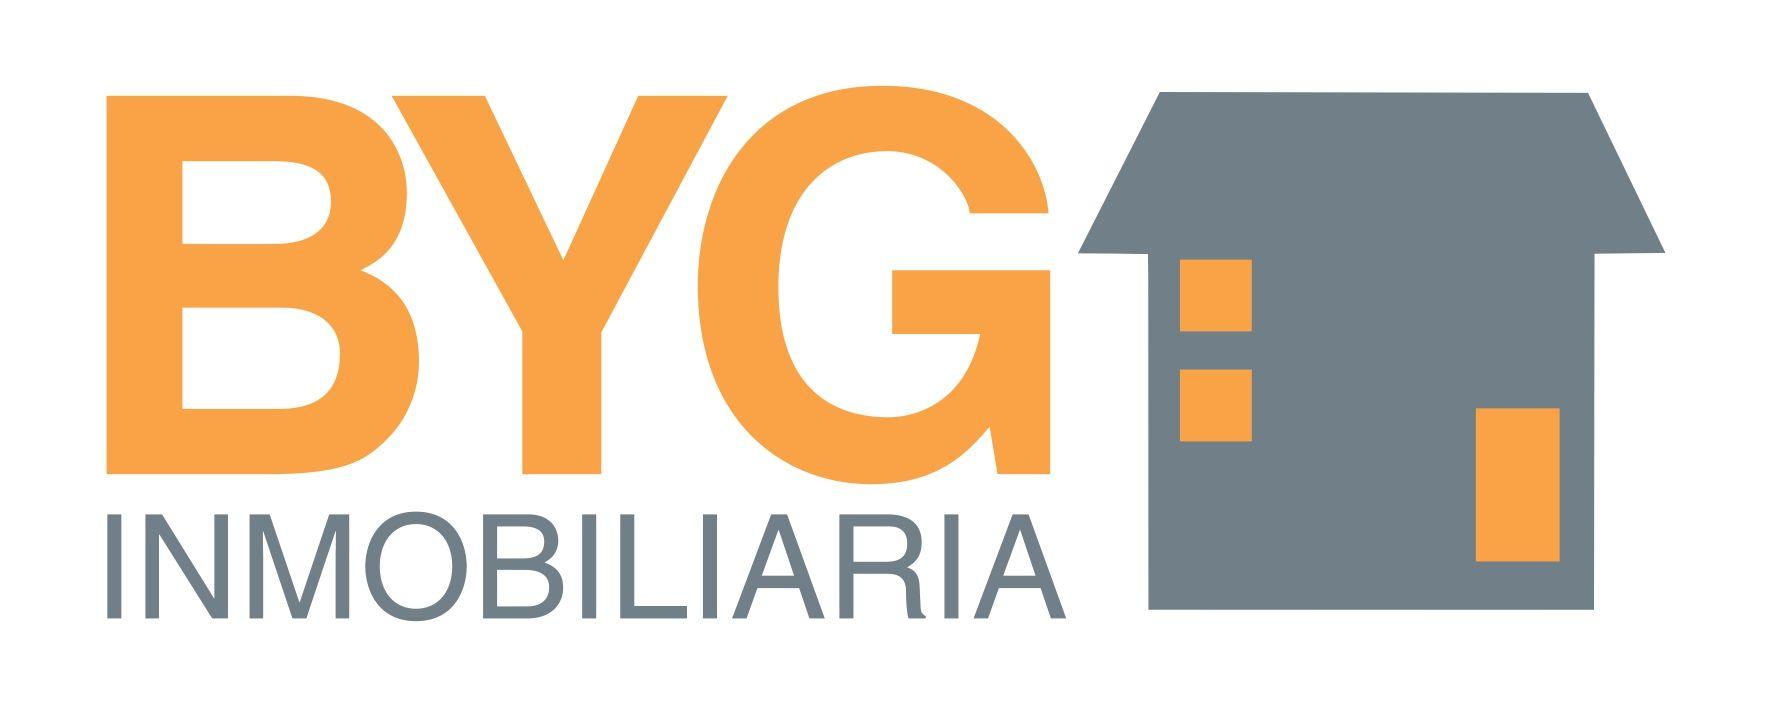 Logo de  Byginmobiliaria